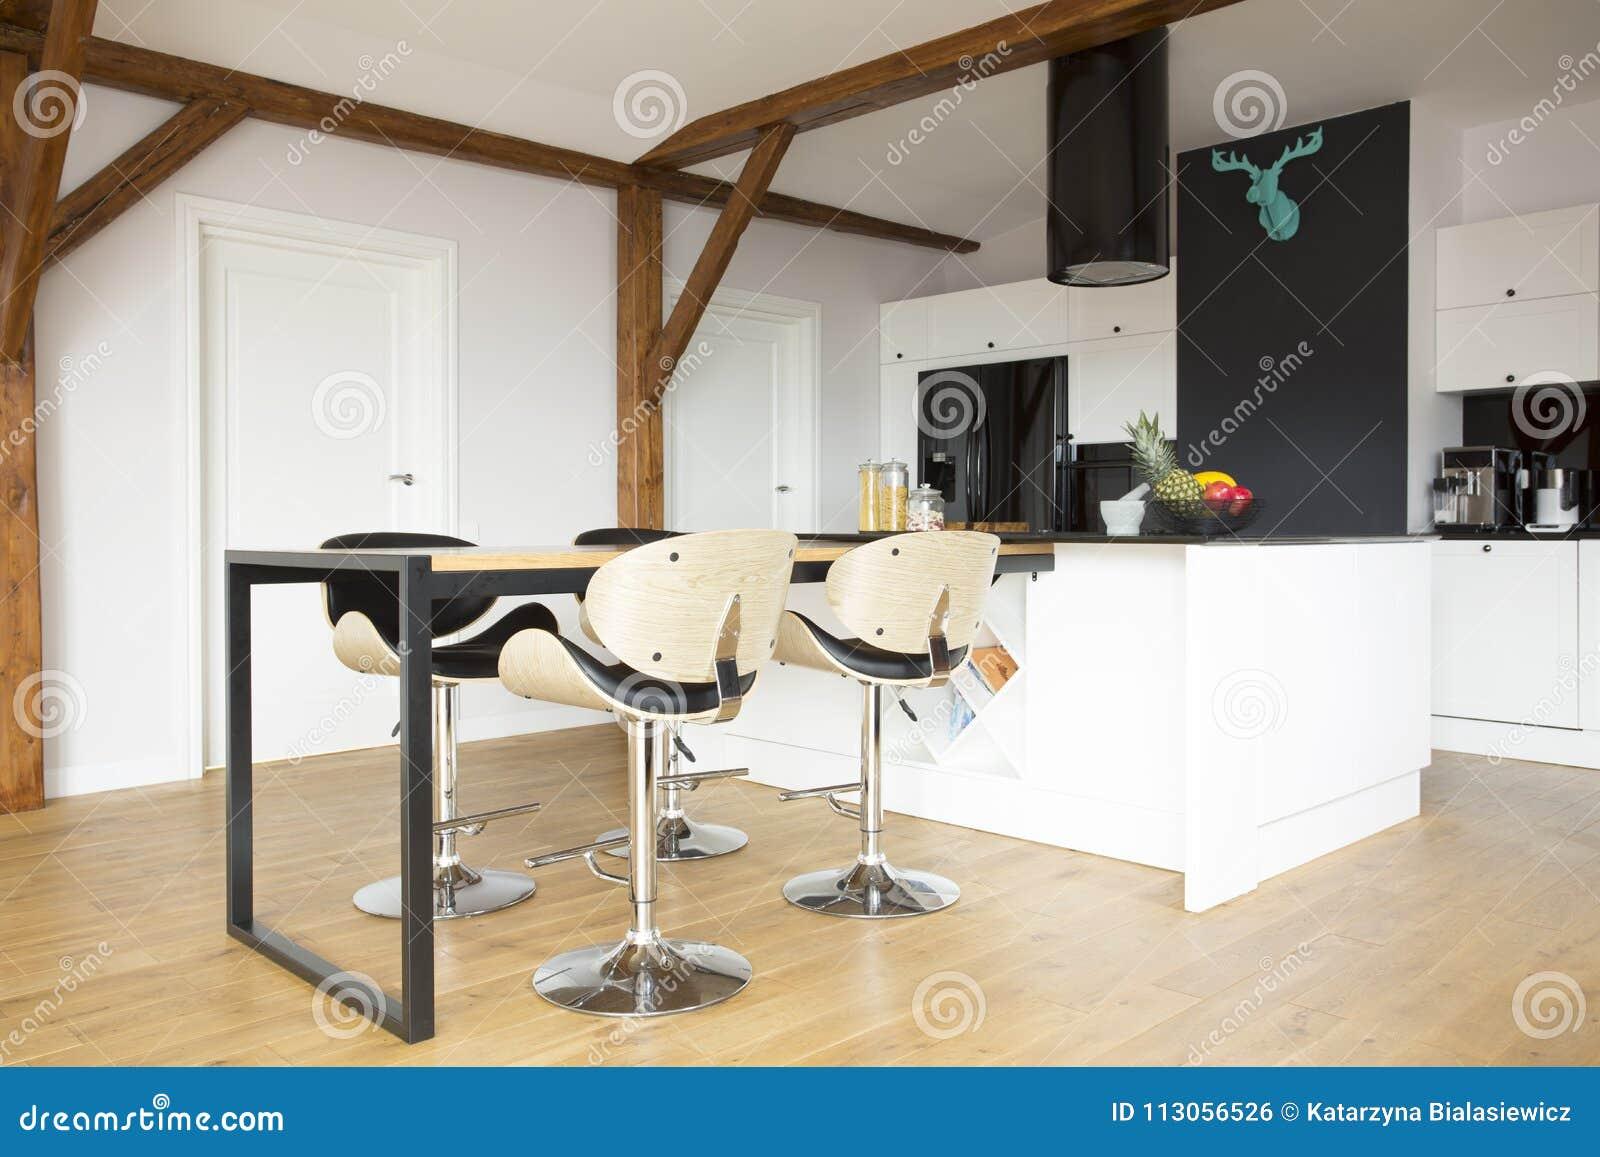 Moderne Kunst Keuken : Barkrukken in moderne keuken stock foto afbeelding bestaande uit